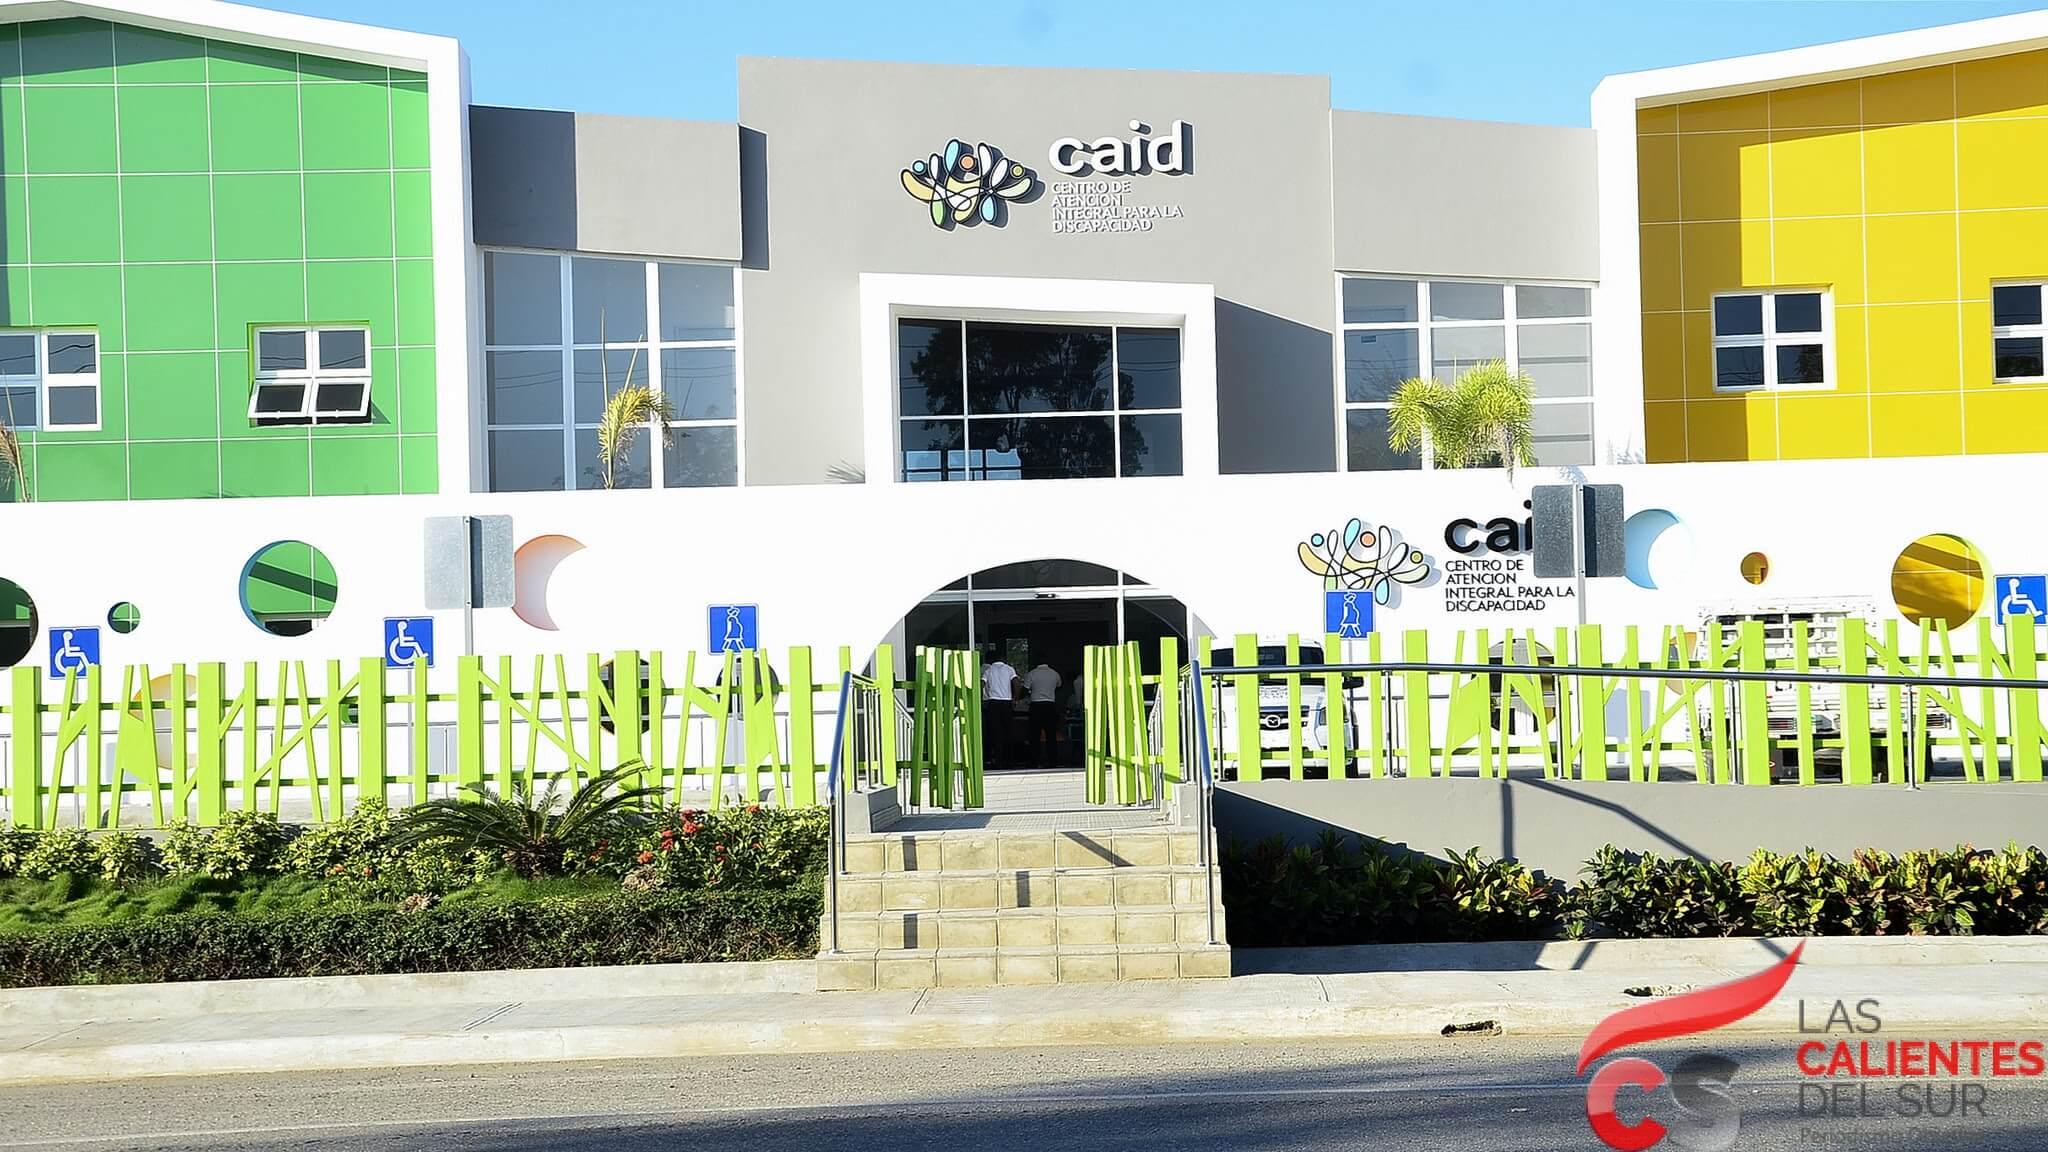 CAID San Juan